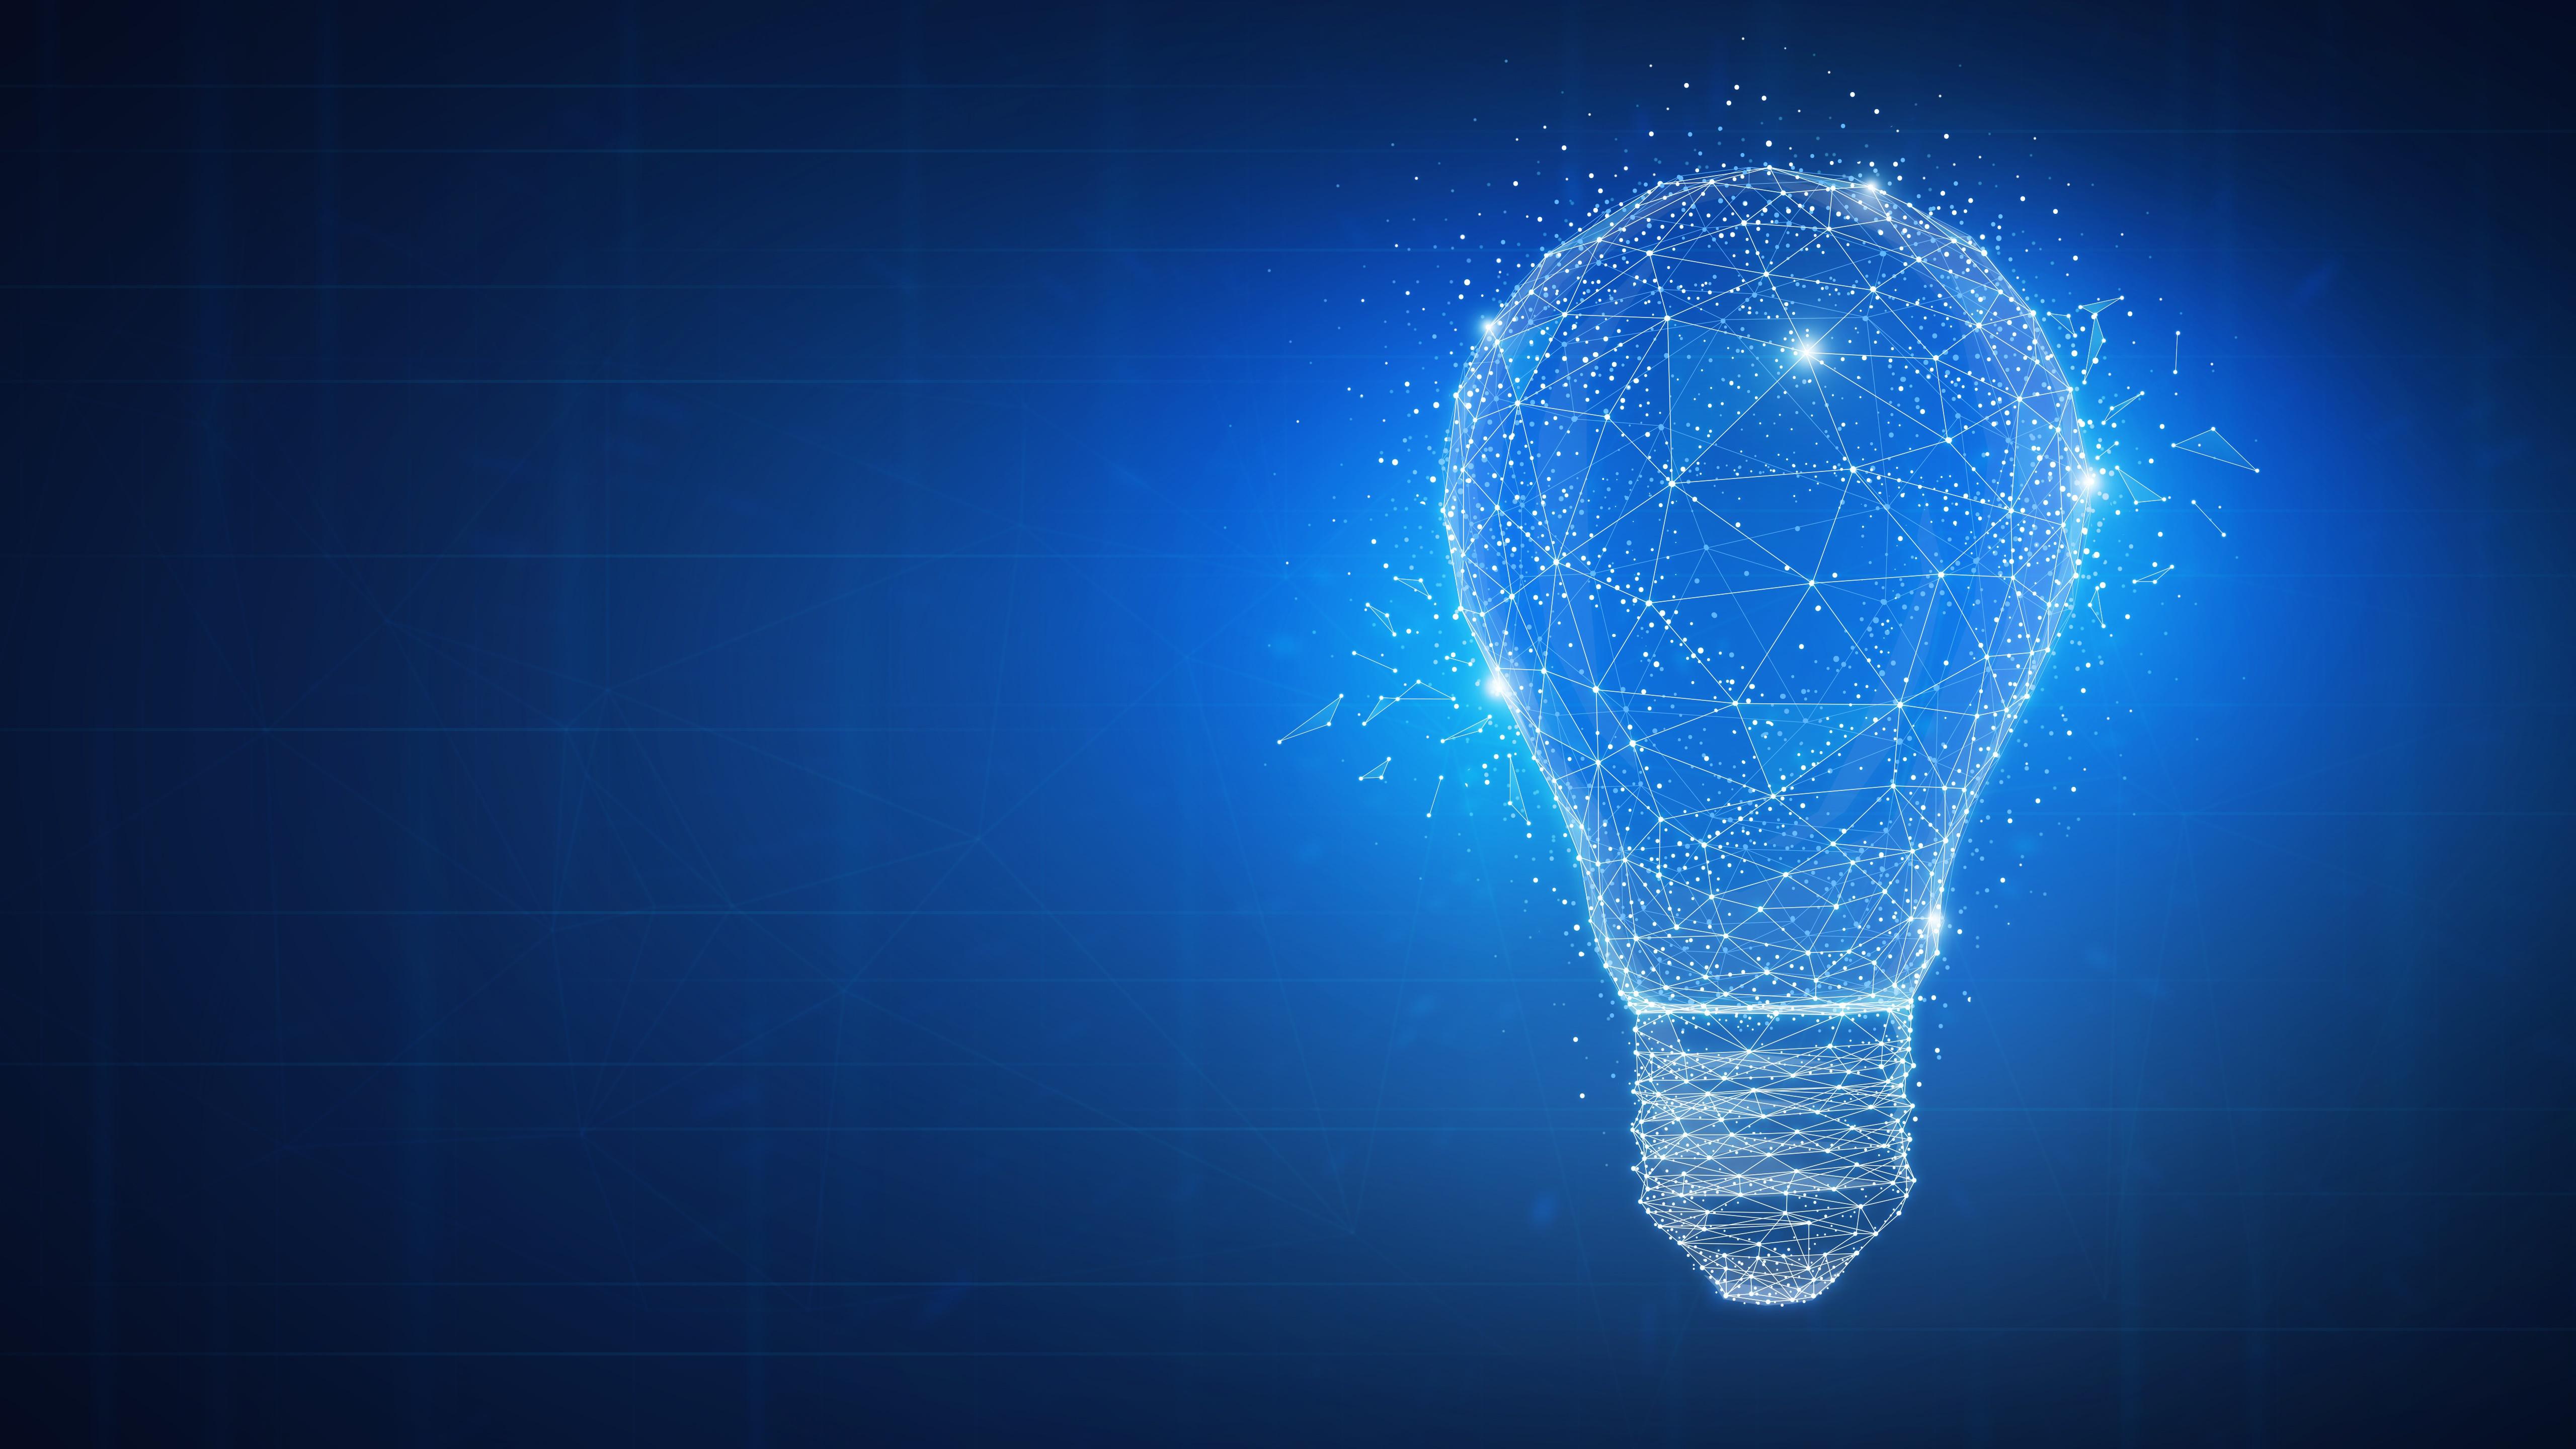 AdobeStock_190160872_Align_Lightbulb.jpeg